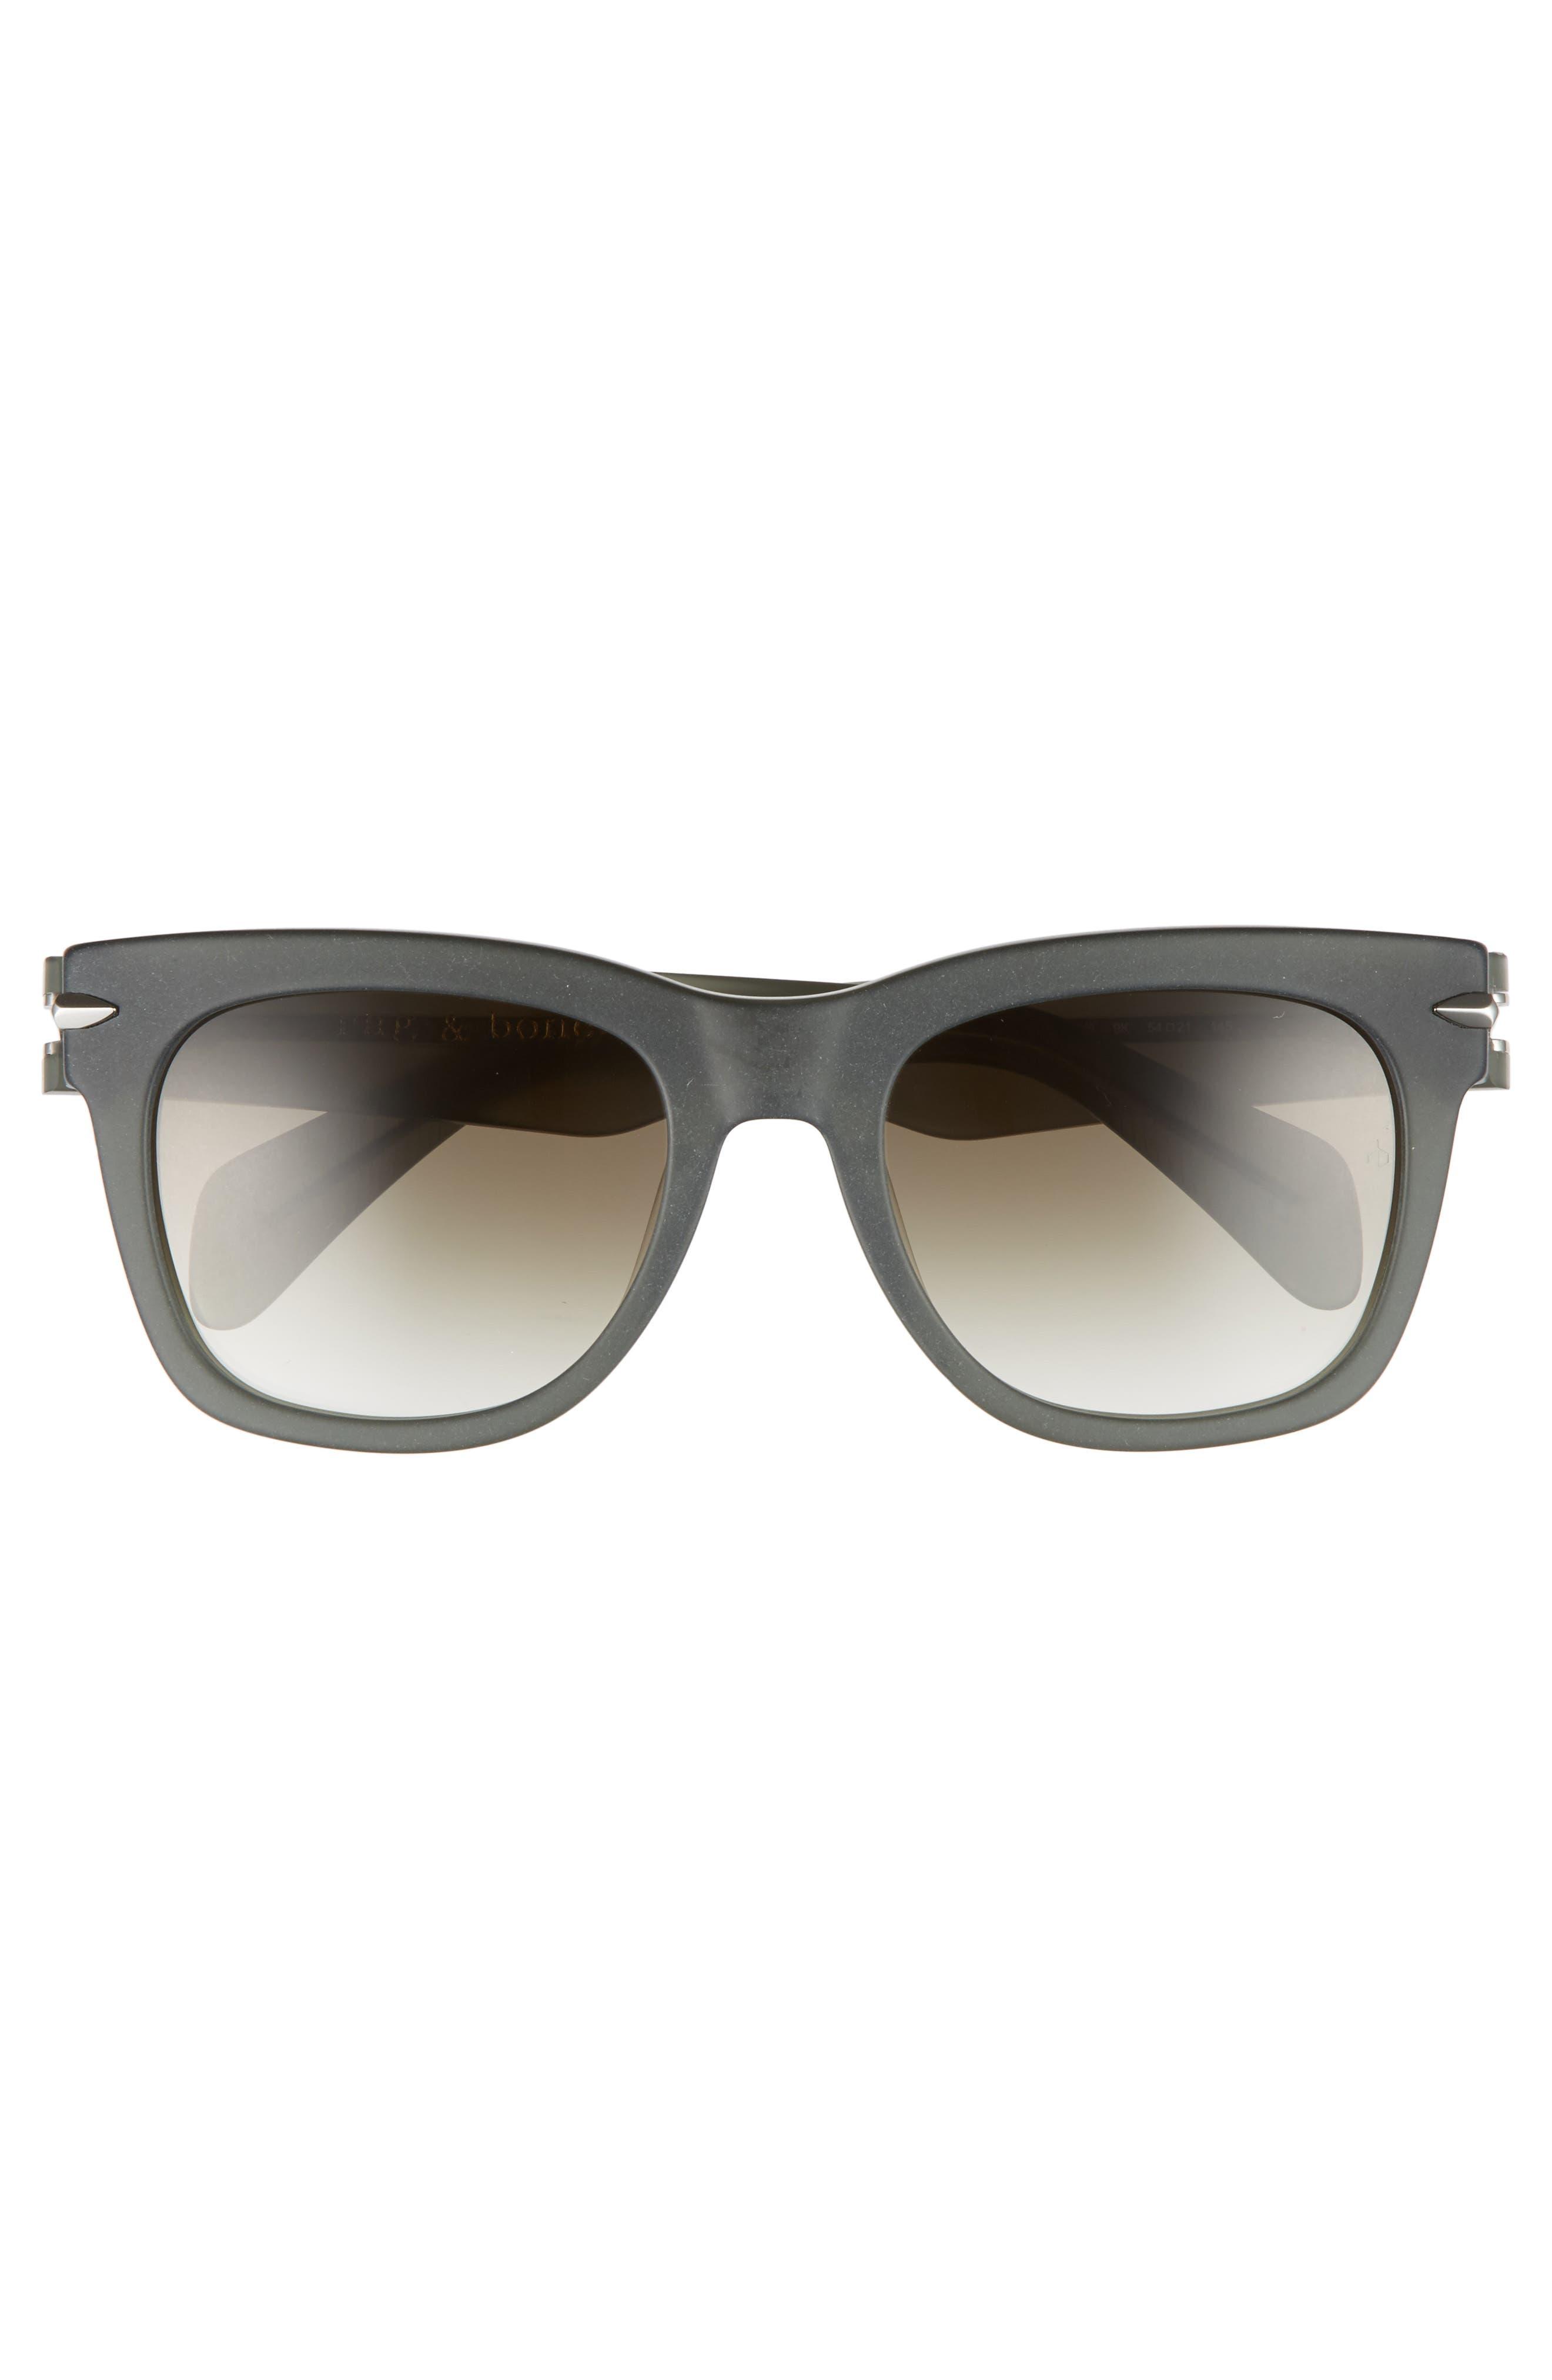 54mm Polarized Sunglasses,                             Alternate thumbnail 3, color,                             KHAKI